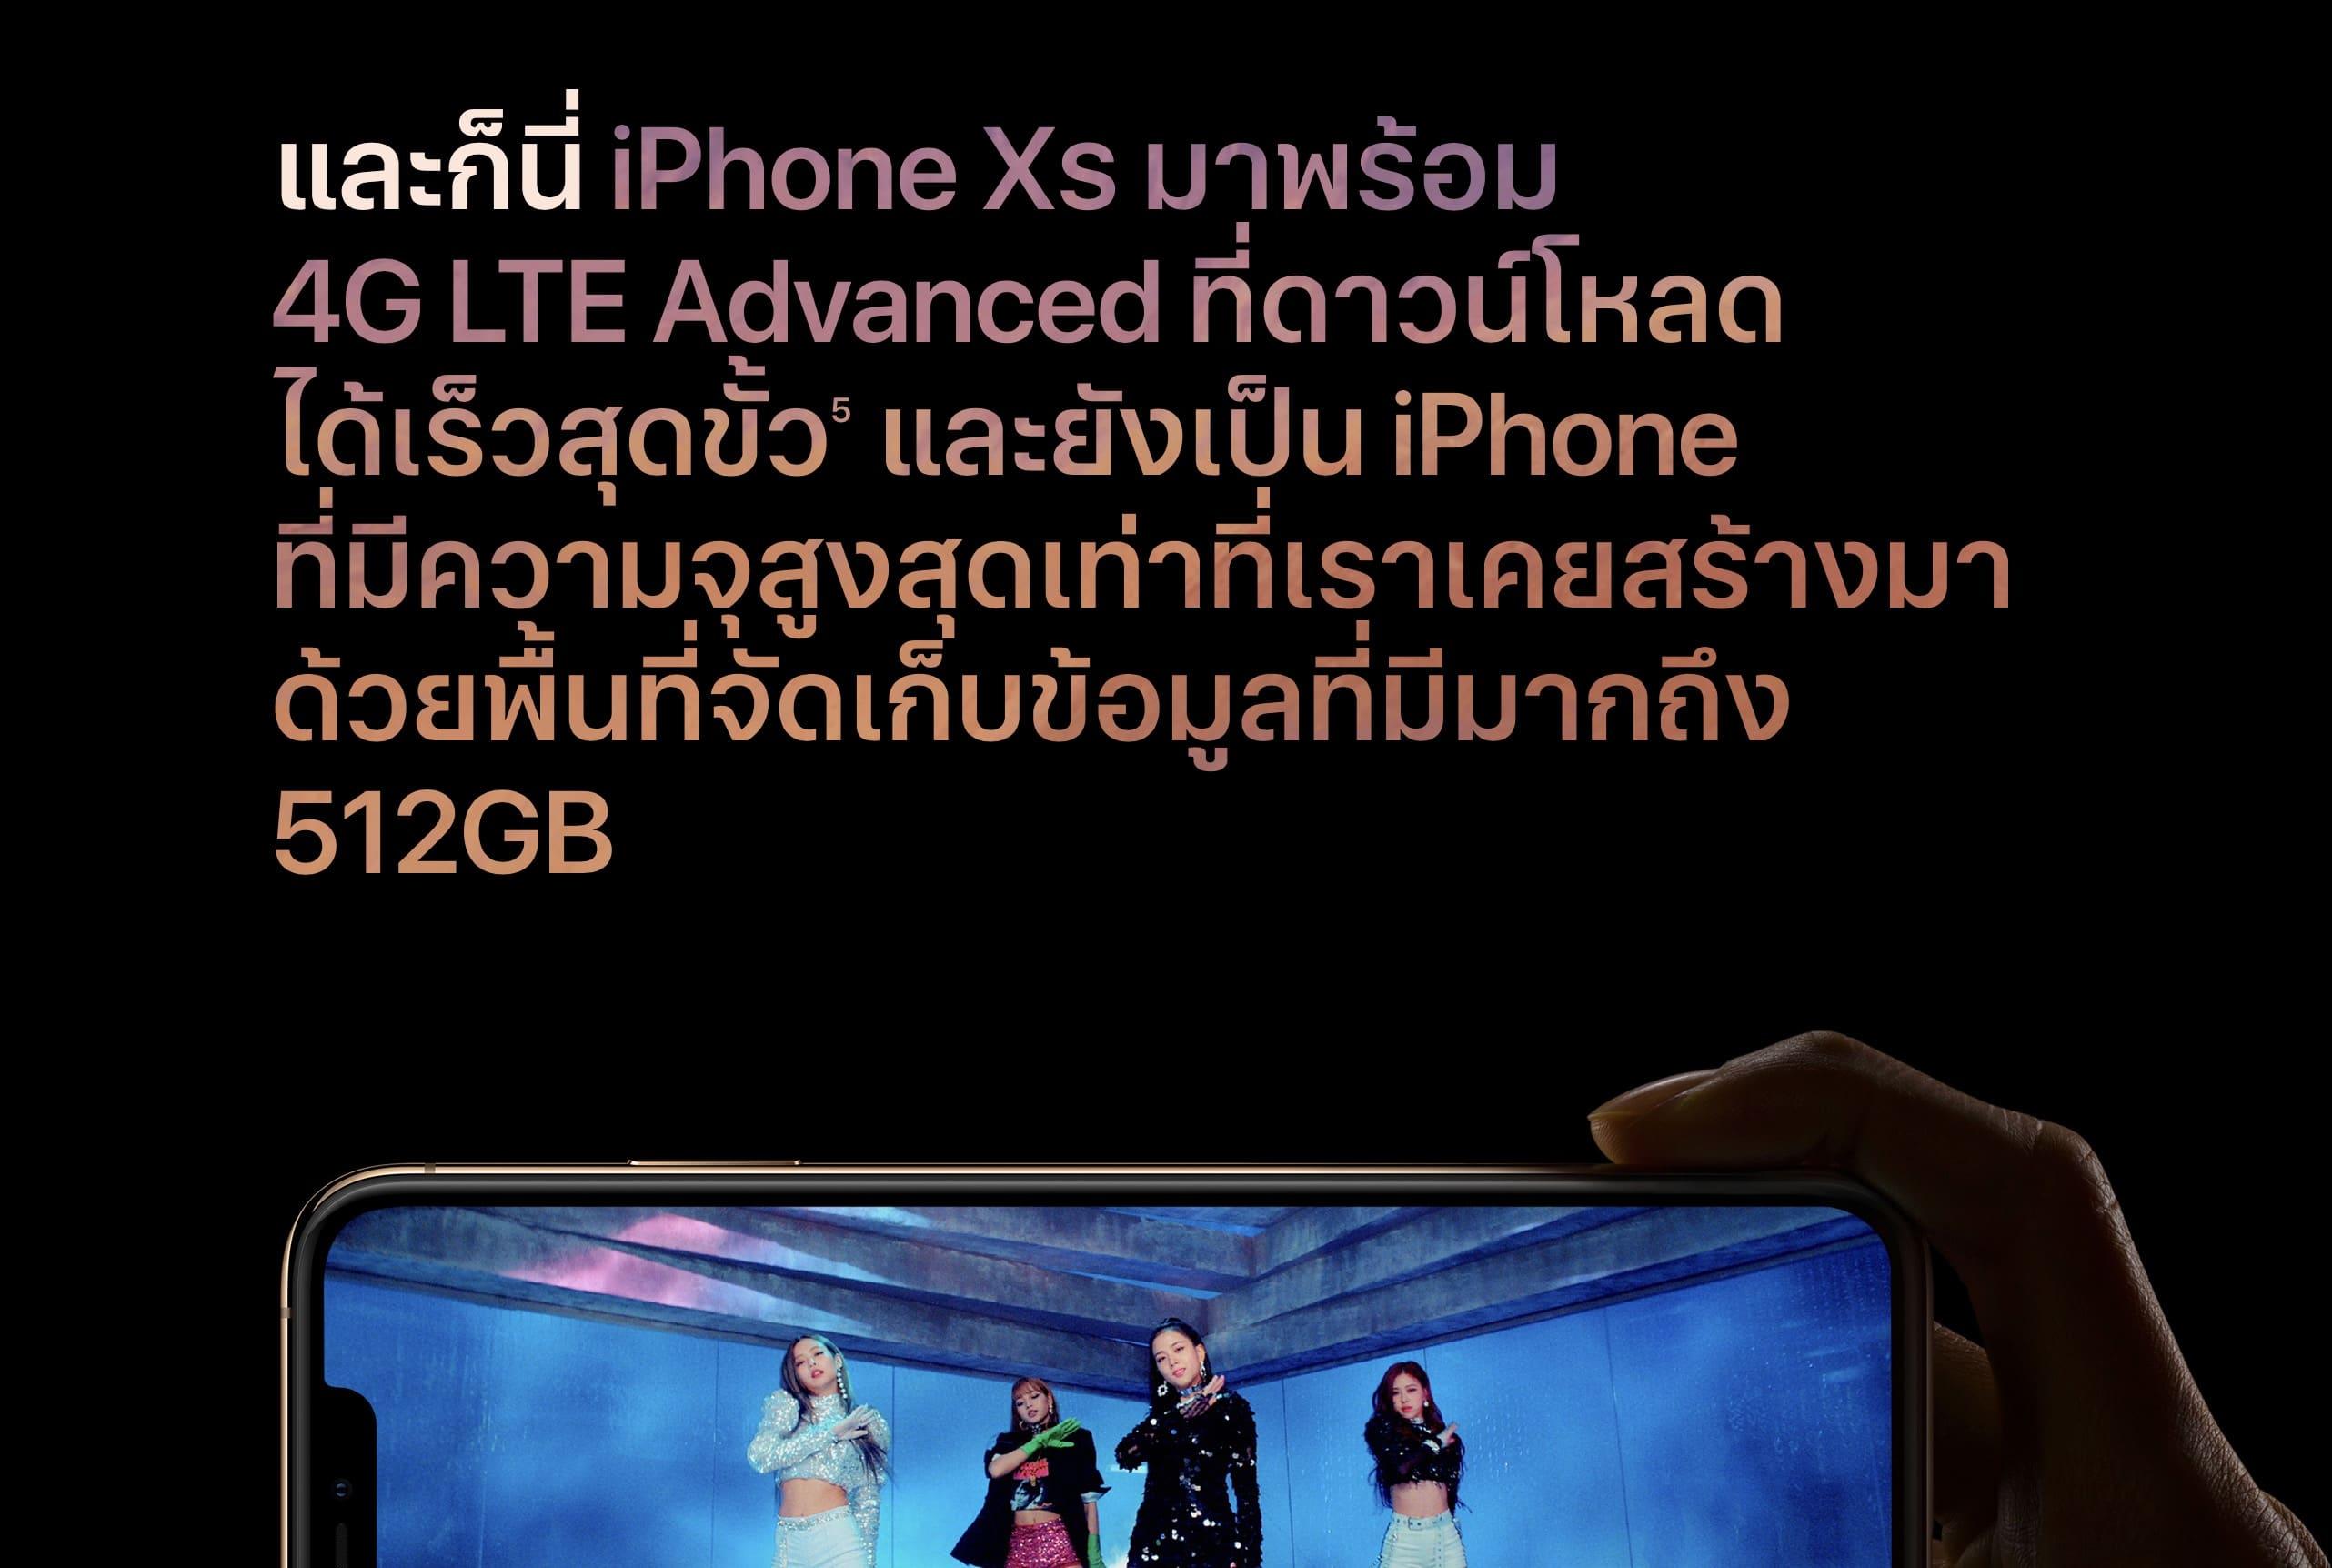 iphone-xs-gigabit-lte